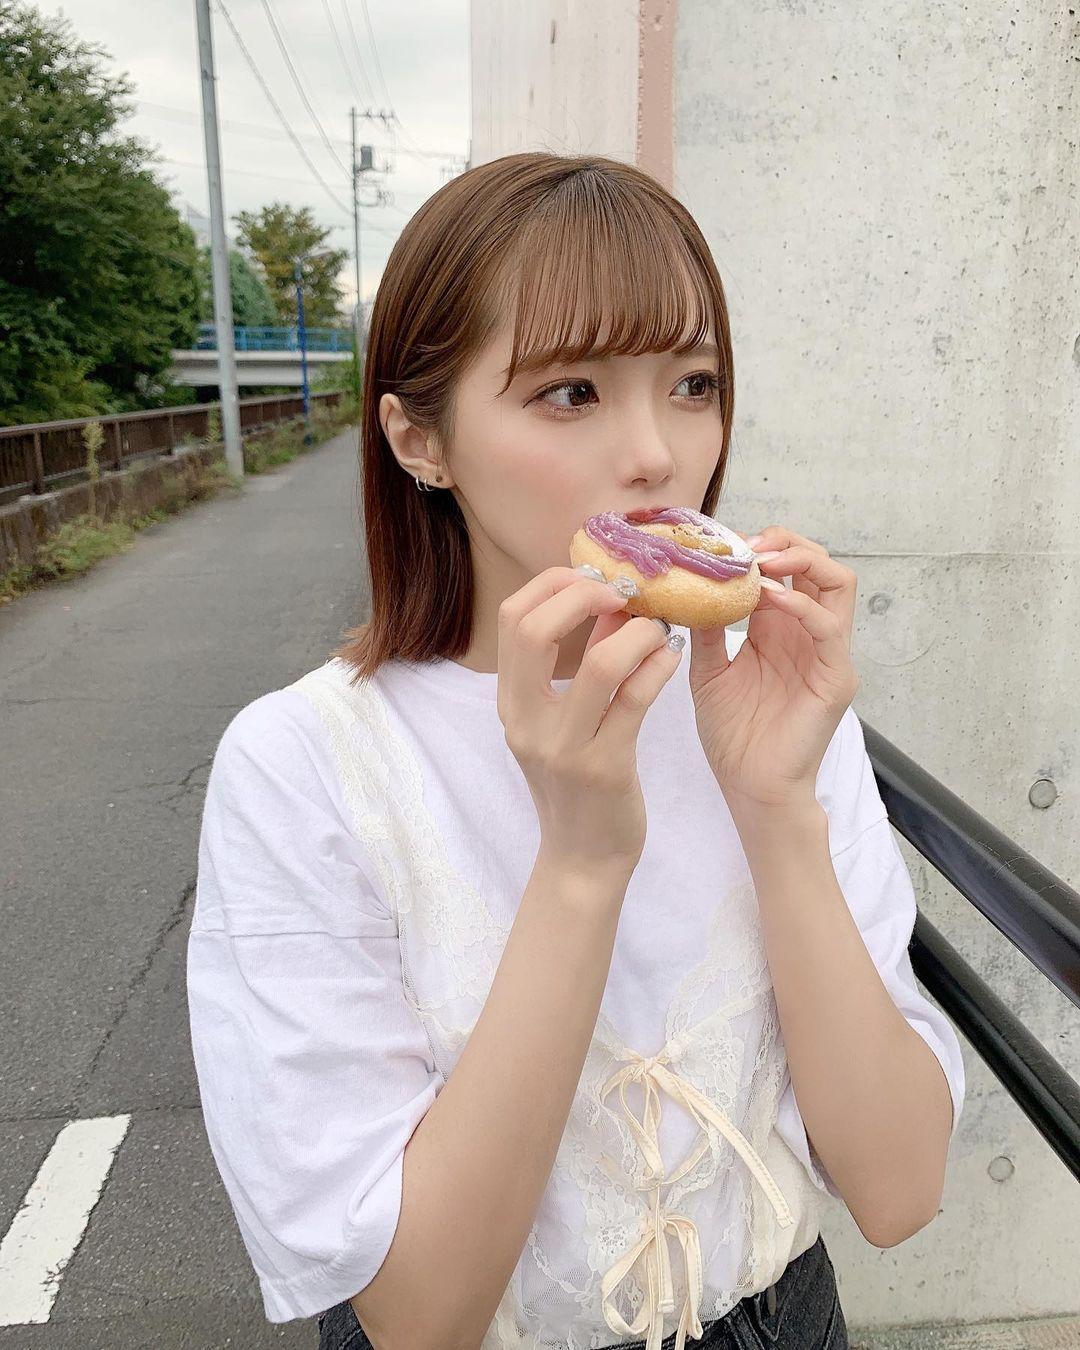 呆萌樱花妹「福山梨乃」宽松男友风超卡娃伊,,实在是可爱到一个过分啊-新图包